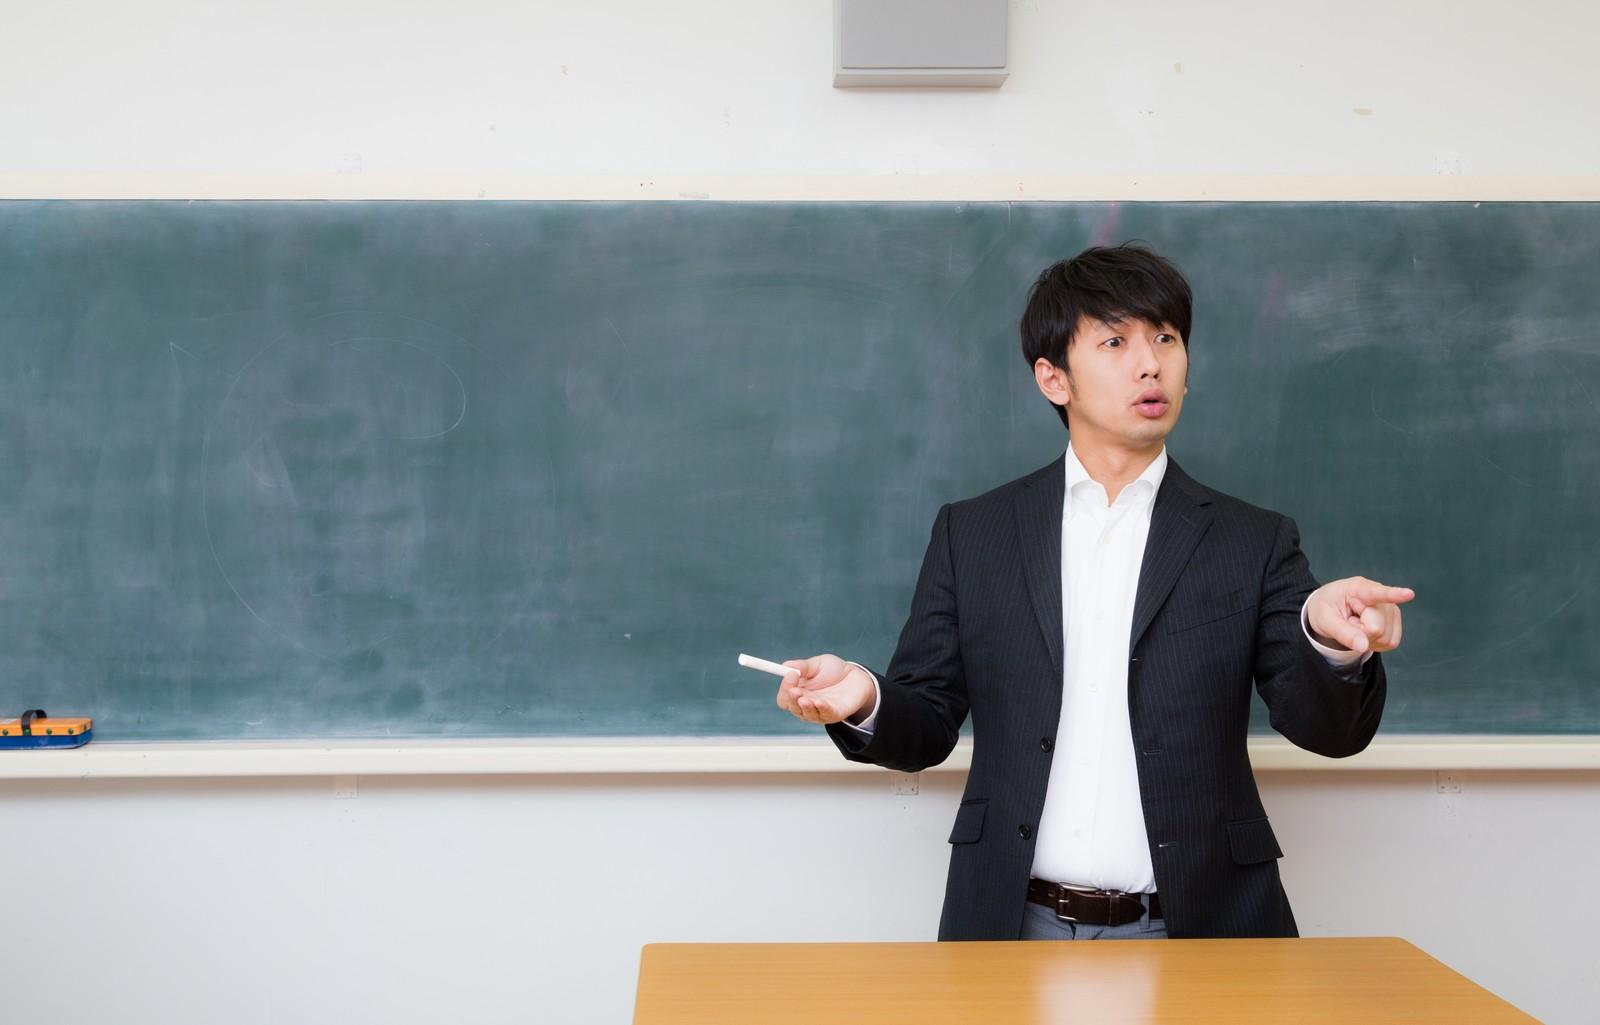 熱心に教えている若い先生